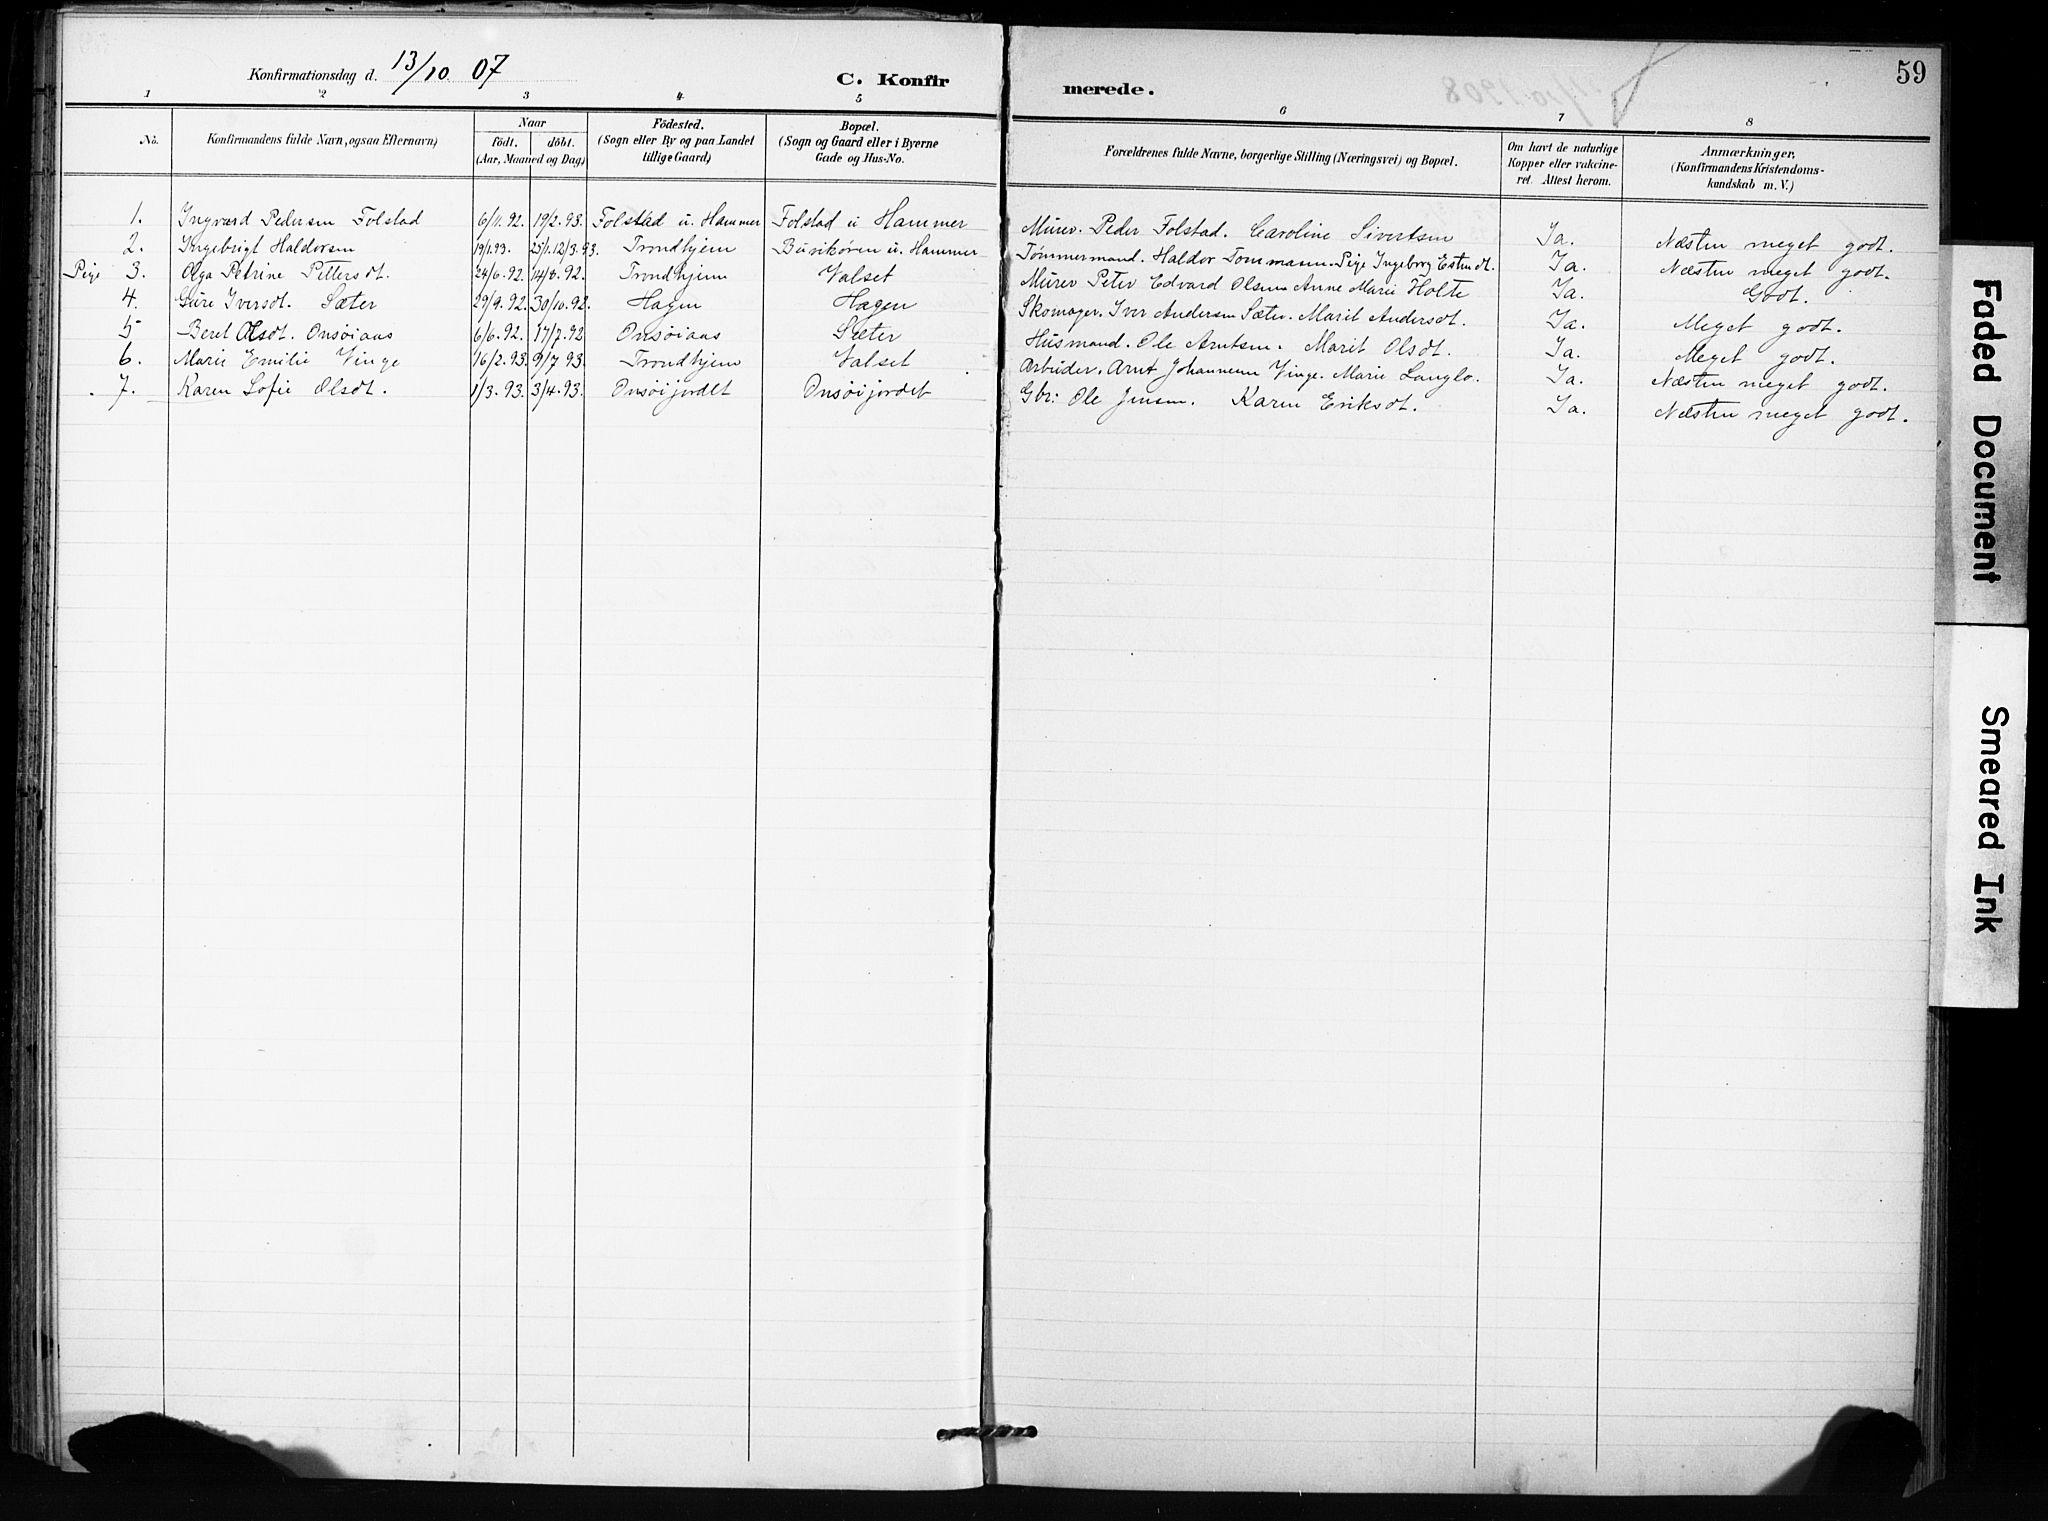 SAT, Ministerialprotokoller, klokkerbøker og fødselsregistre - Sør-Trøndelag, 666/L0787: Ministerialbok nr. 666A05, 1895-1908, s. 59